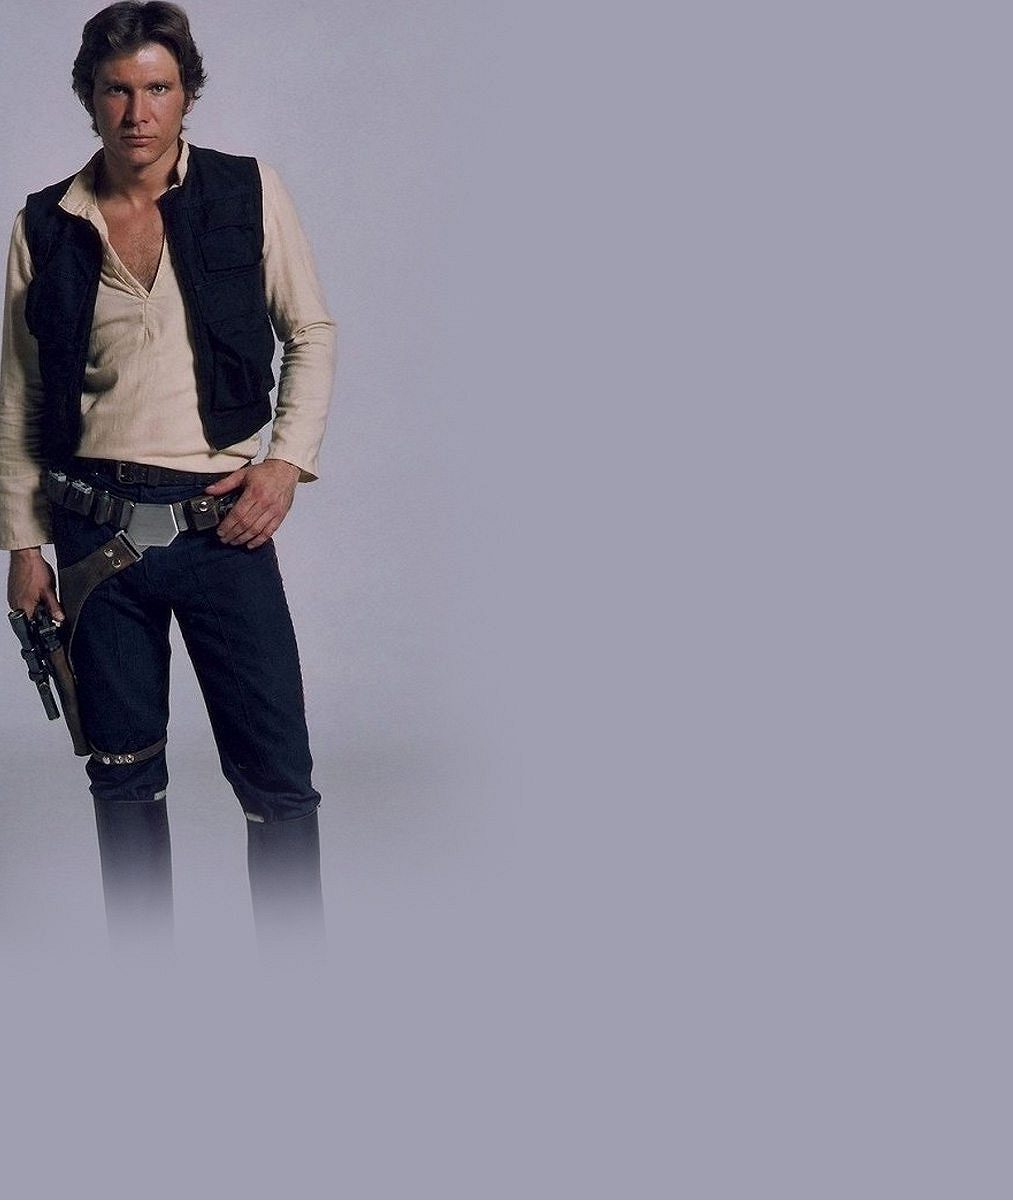 Harrison Ford vyrazil na nákup se sedmnáctiletým synem: Roste z něj fešák